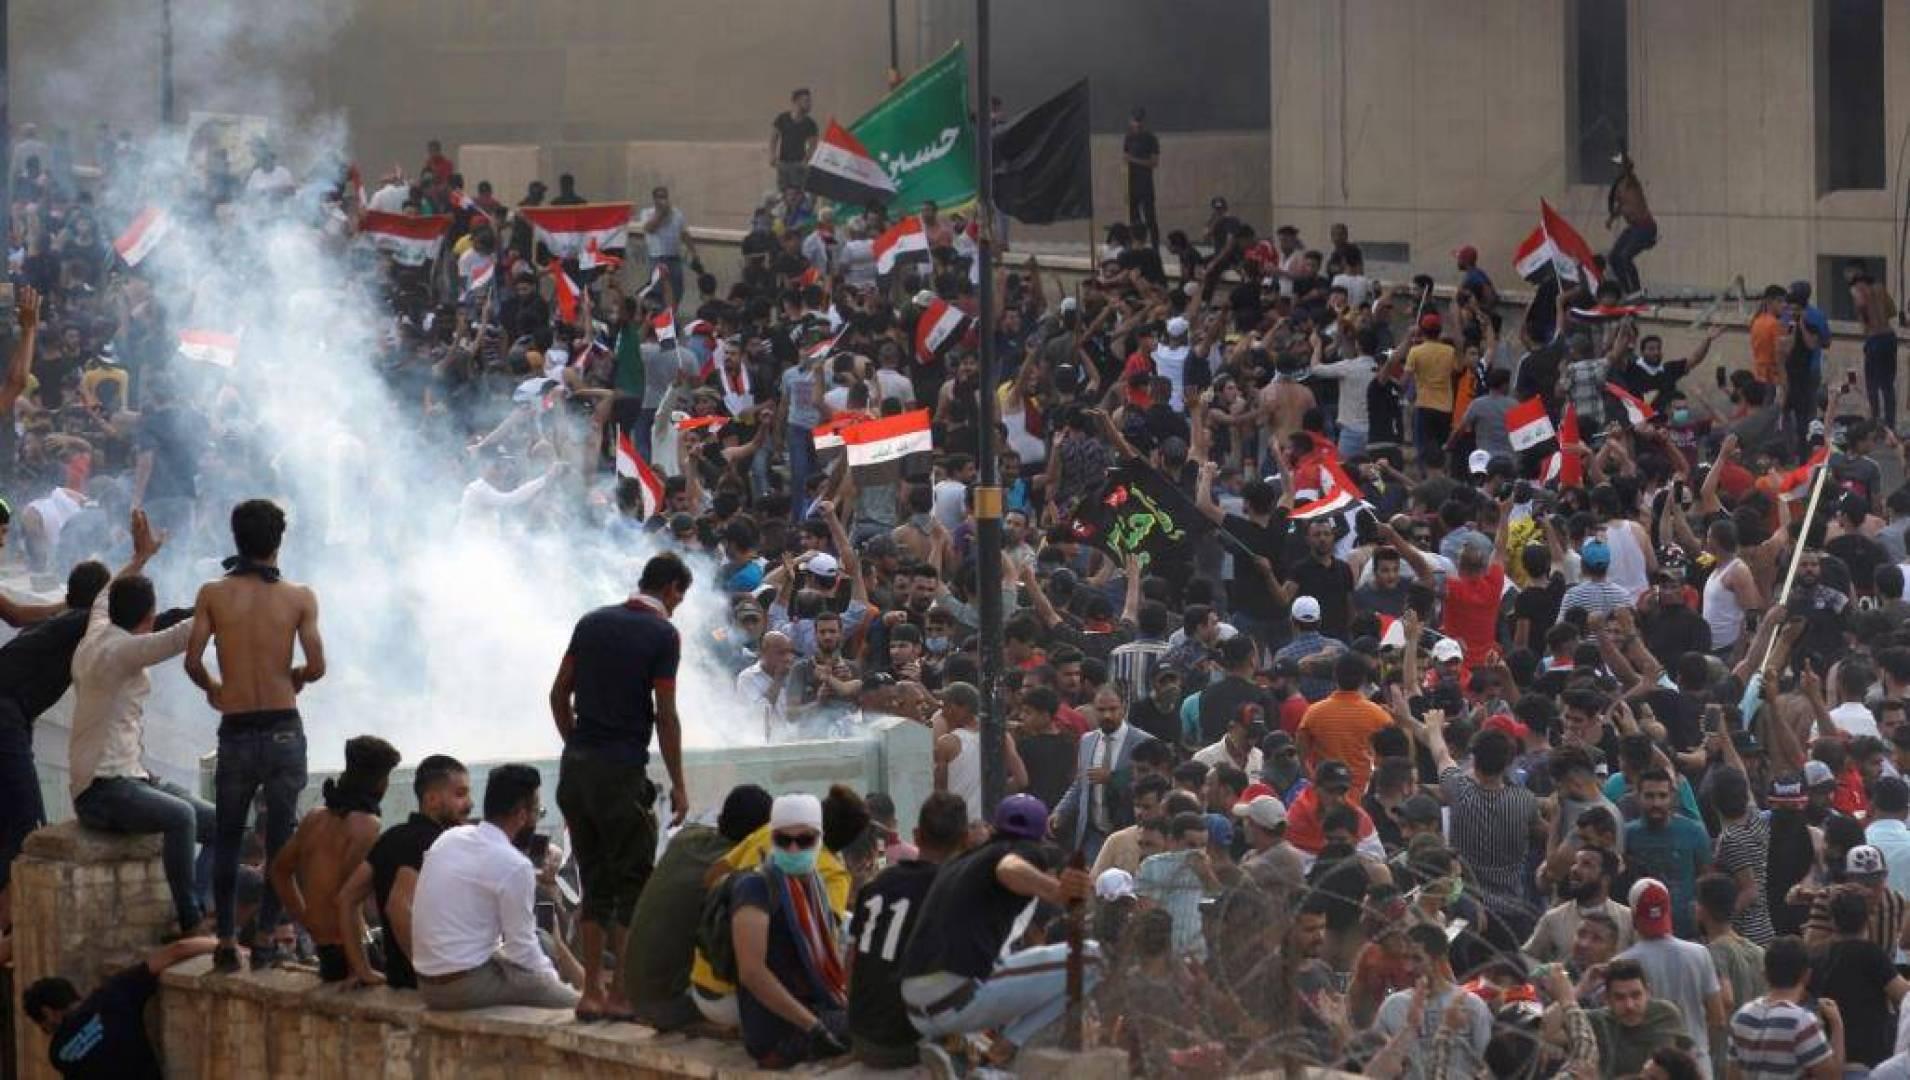 محافظة بغداد ومجلسها يقرران تعطيل الدوام الرسمي غداً